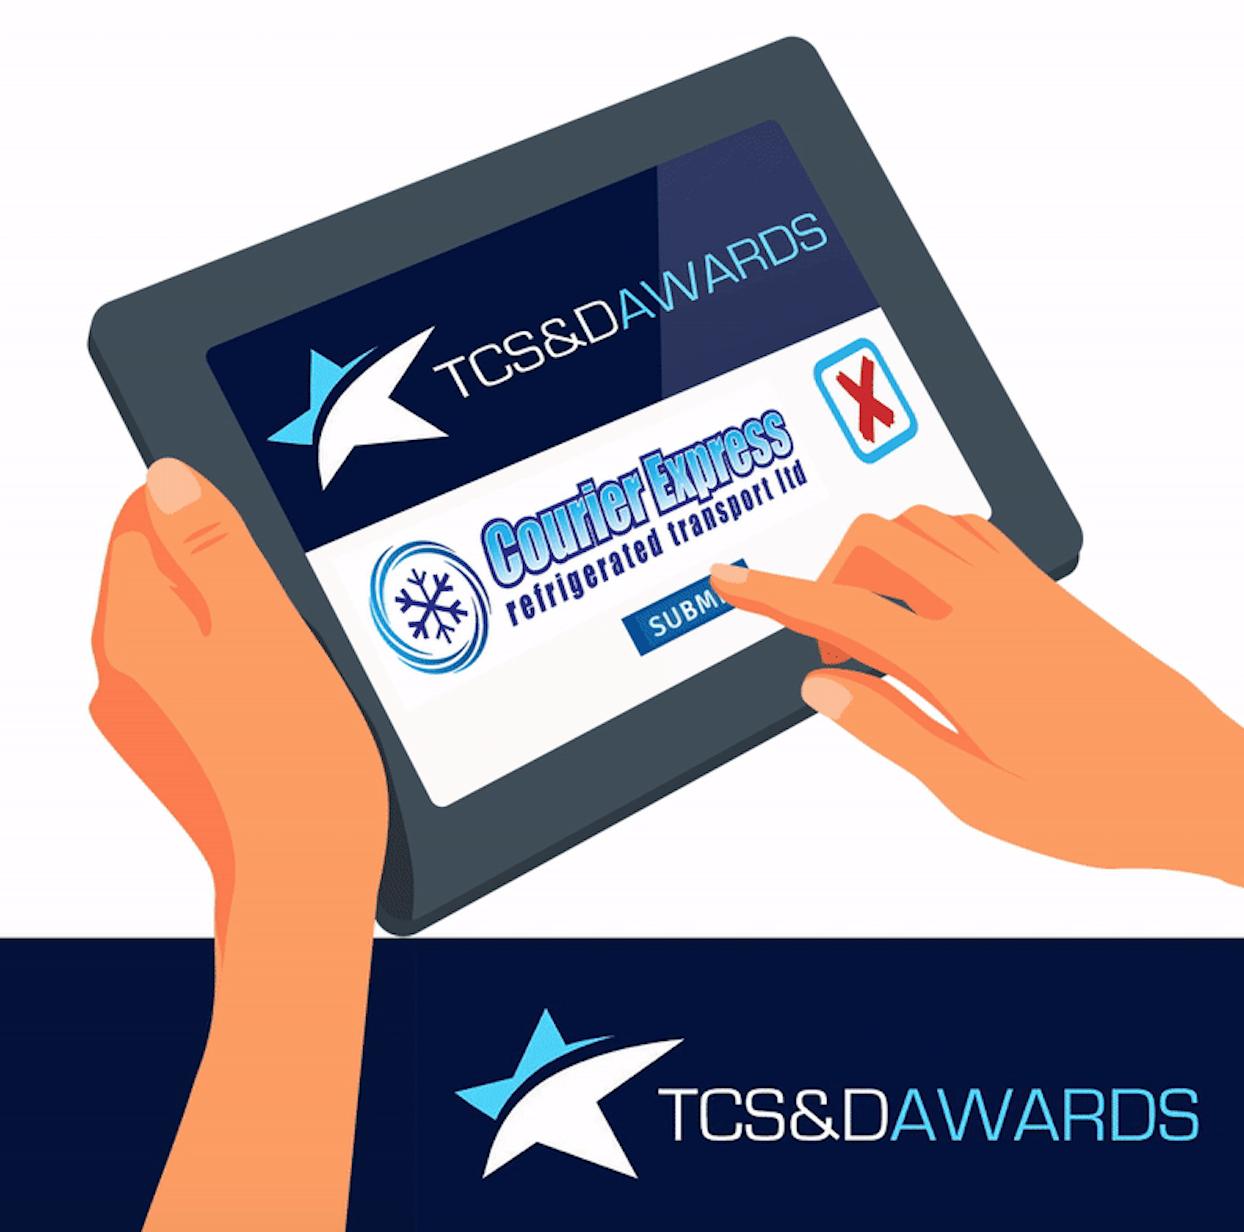 Courier Express shortlist TCS&D Awards